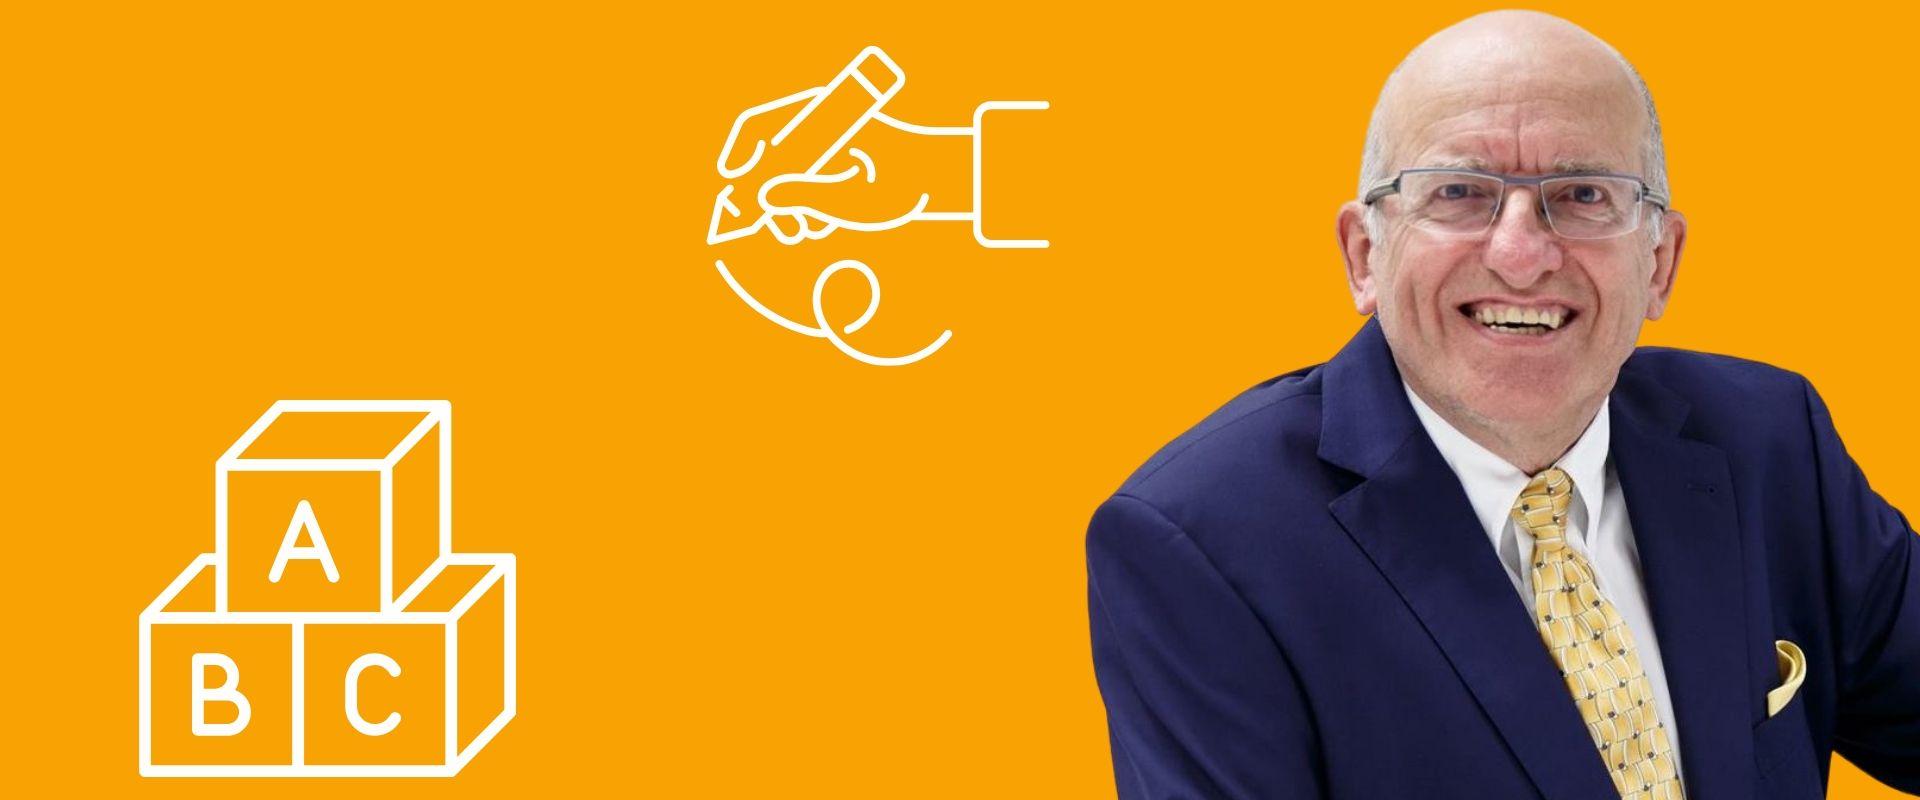 Beste Mitarbeiter einstellen Prof Dr. Jörg Knoblauch